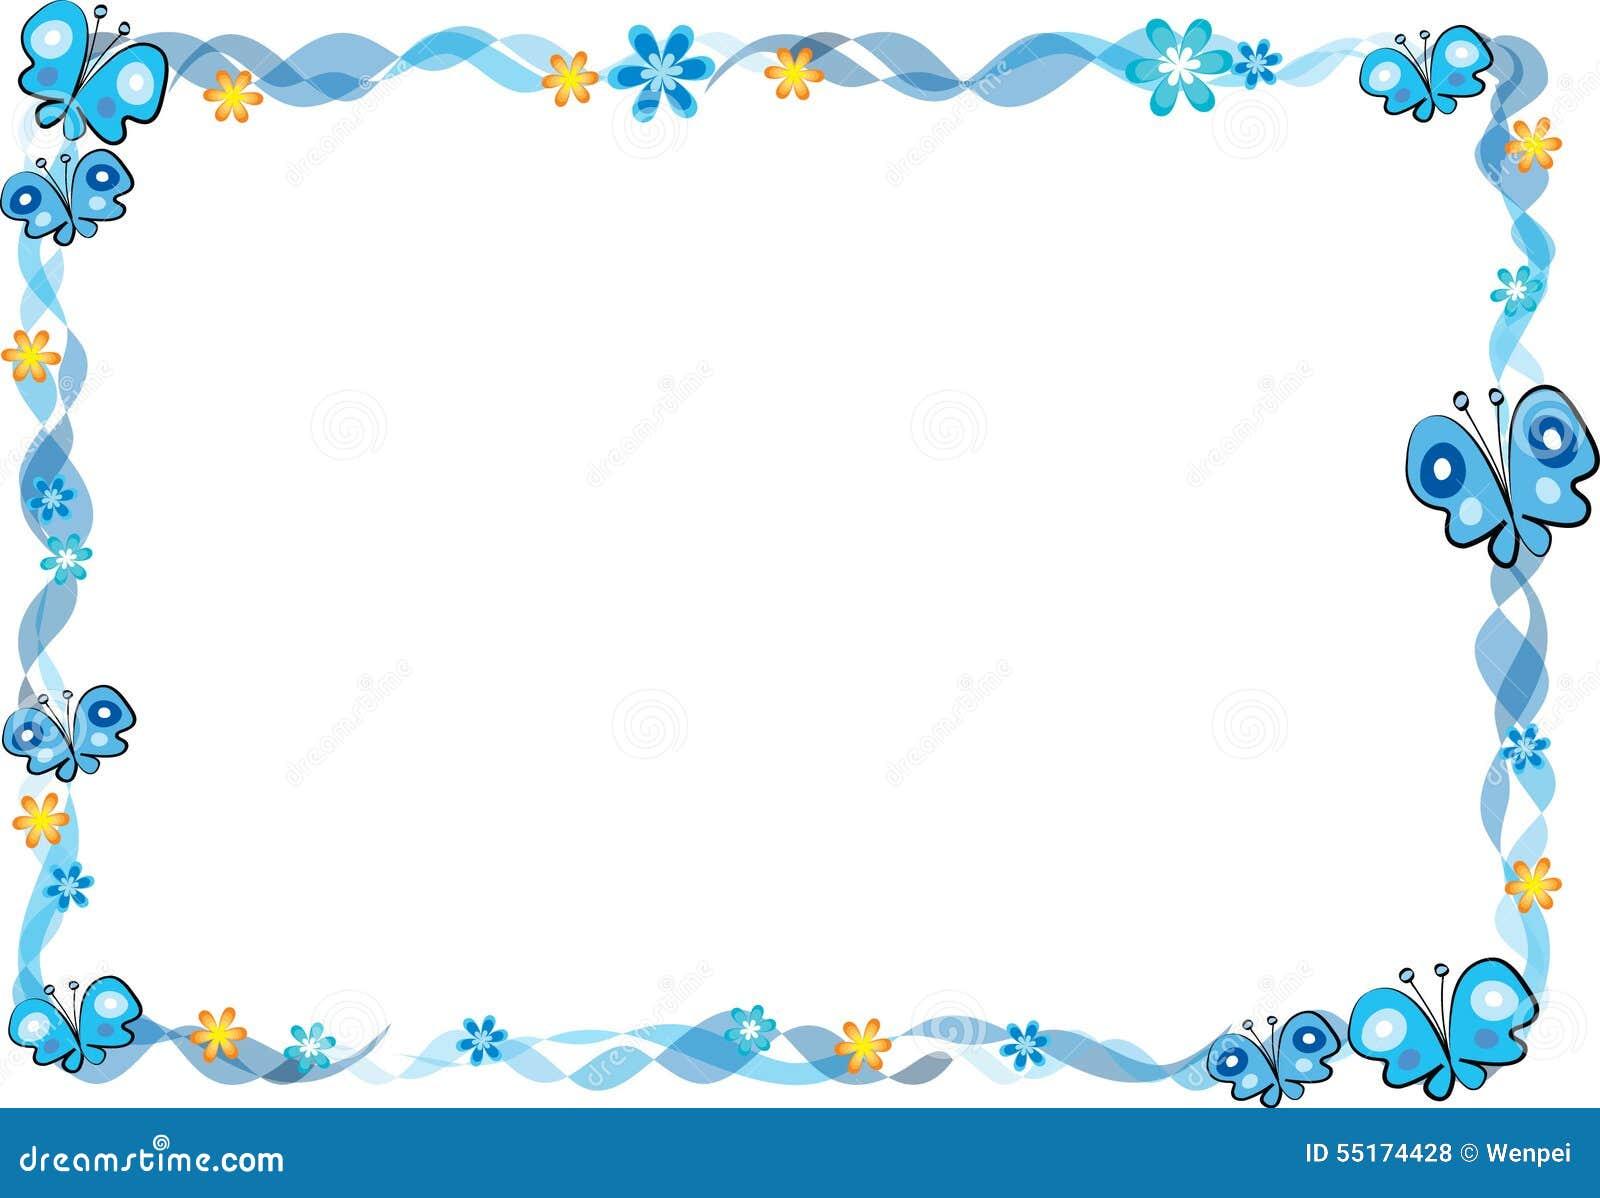 Schmetterling mit Rahmen stock abbildung. Illustration von rand ...